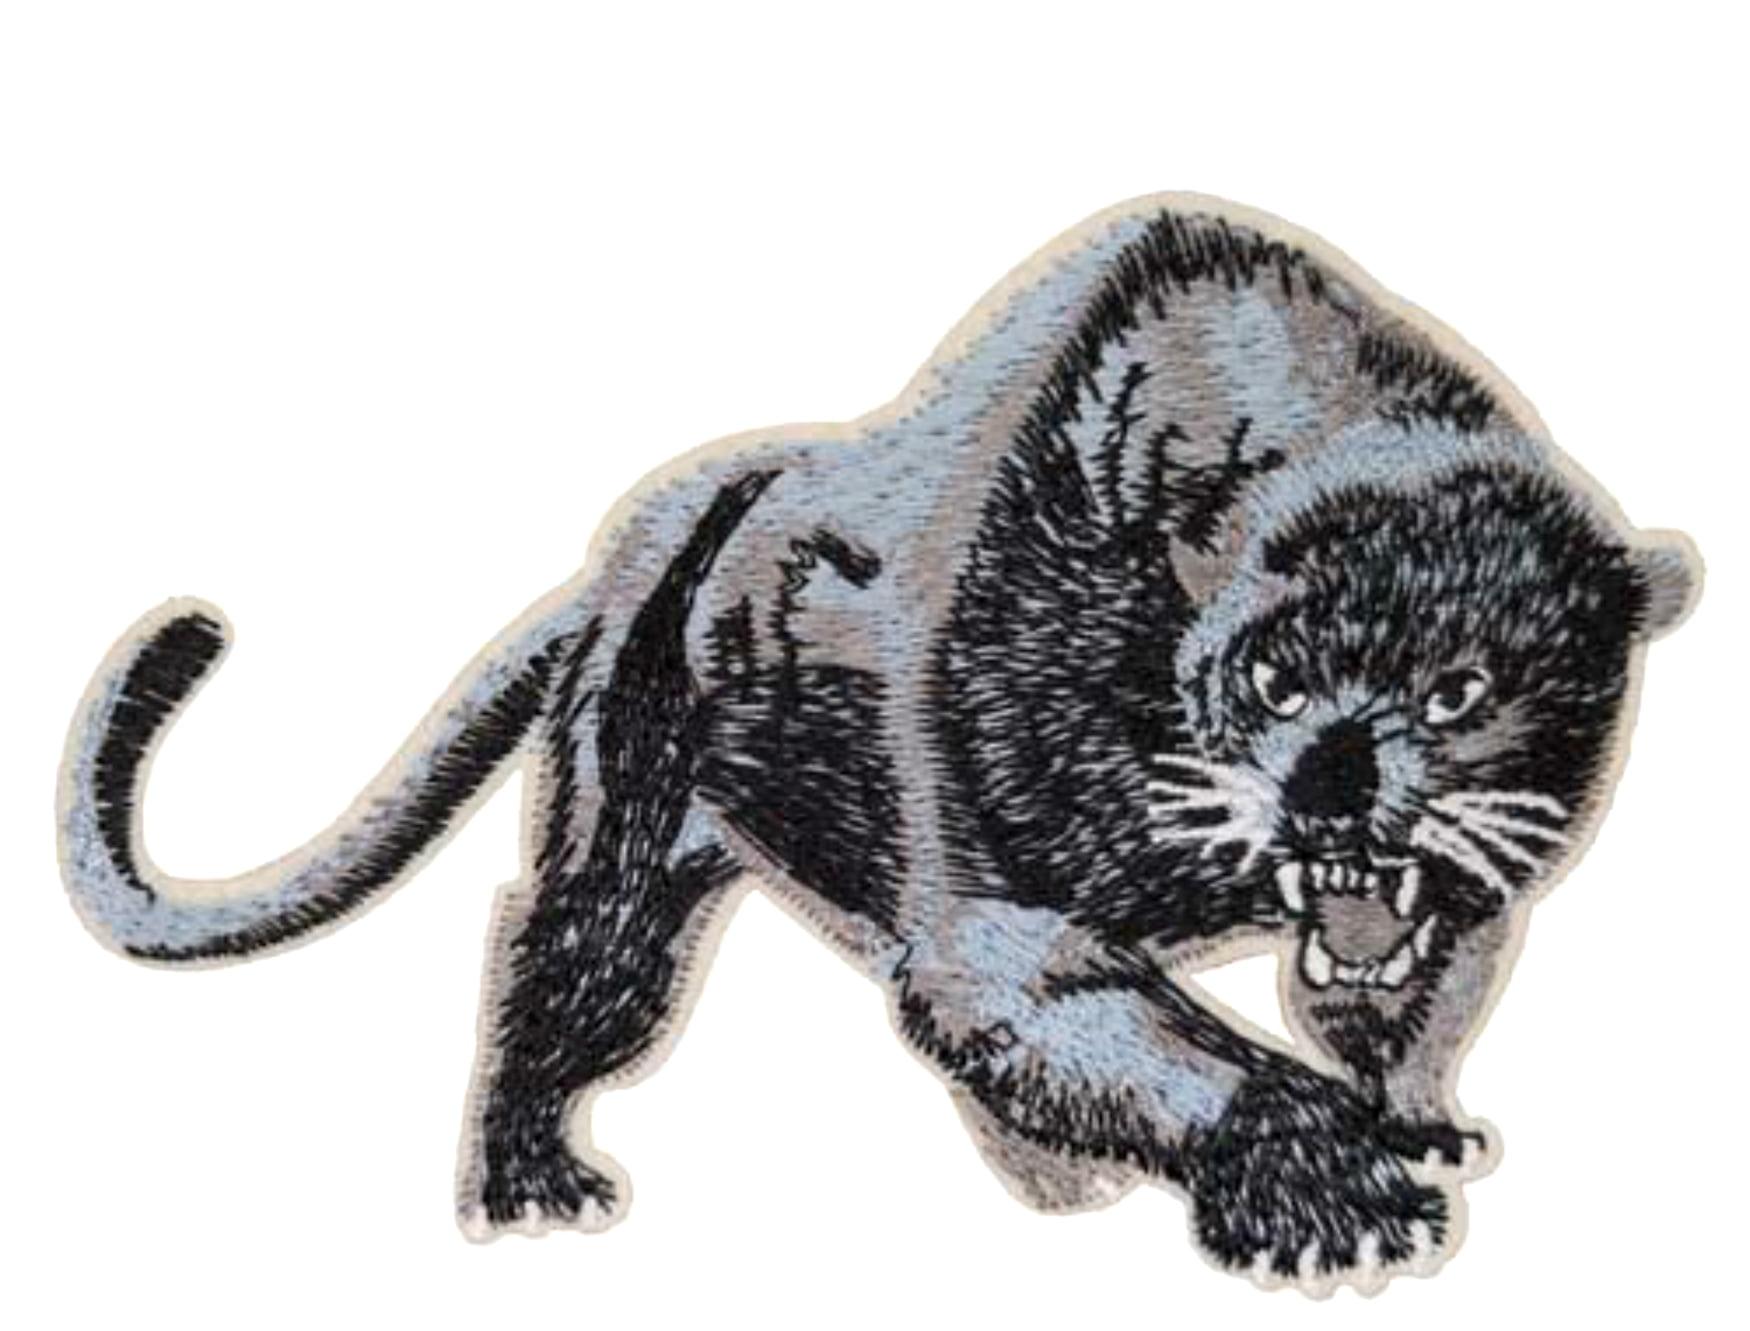 Black panther cat puma jaguar leopard cougar animal applique iron-on patch - Walmart.com